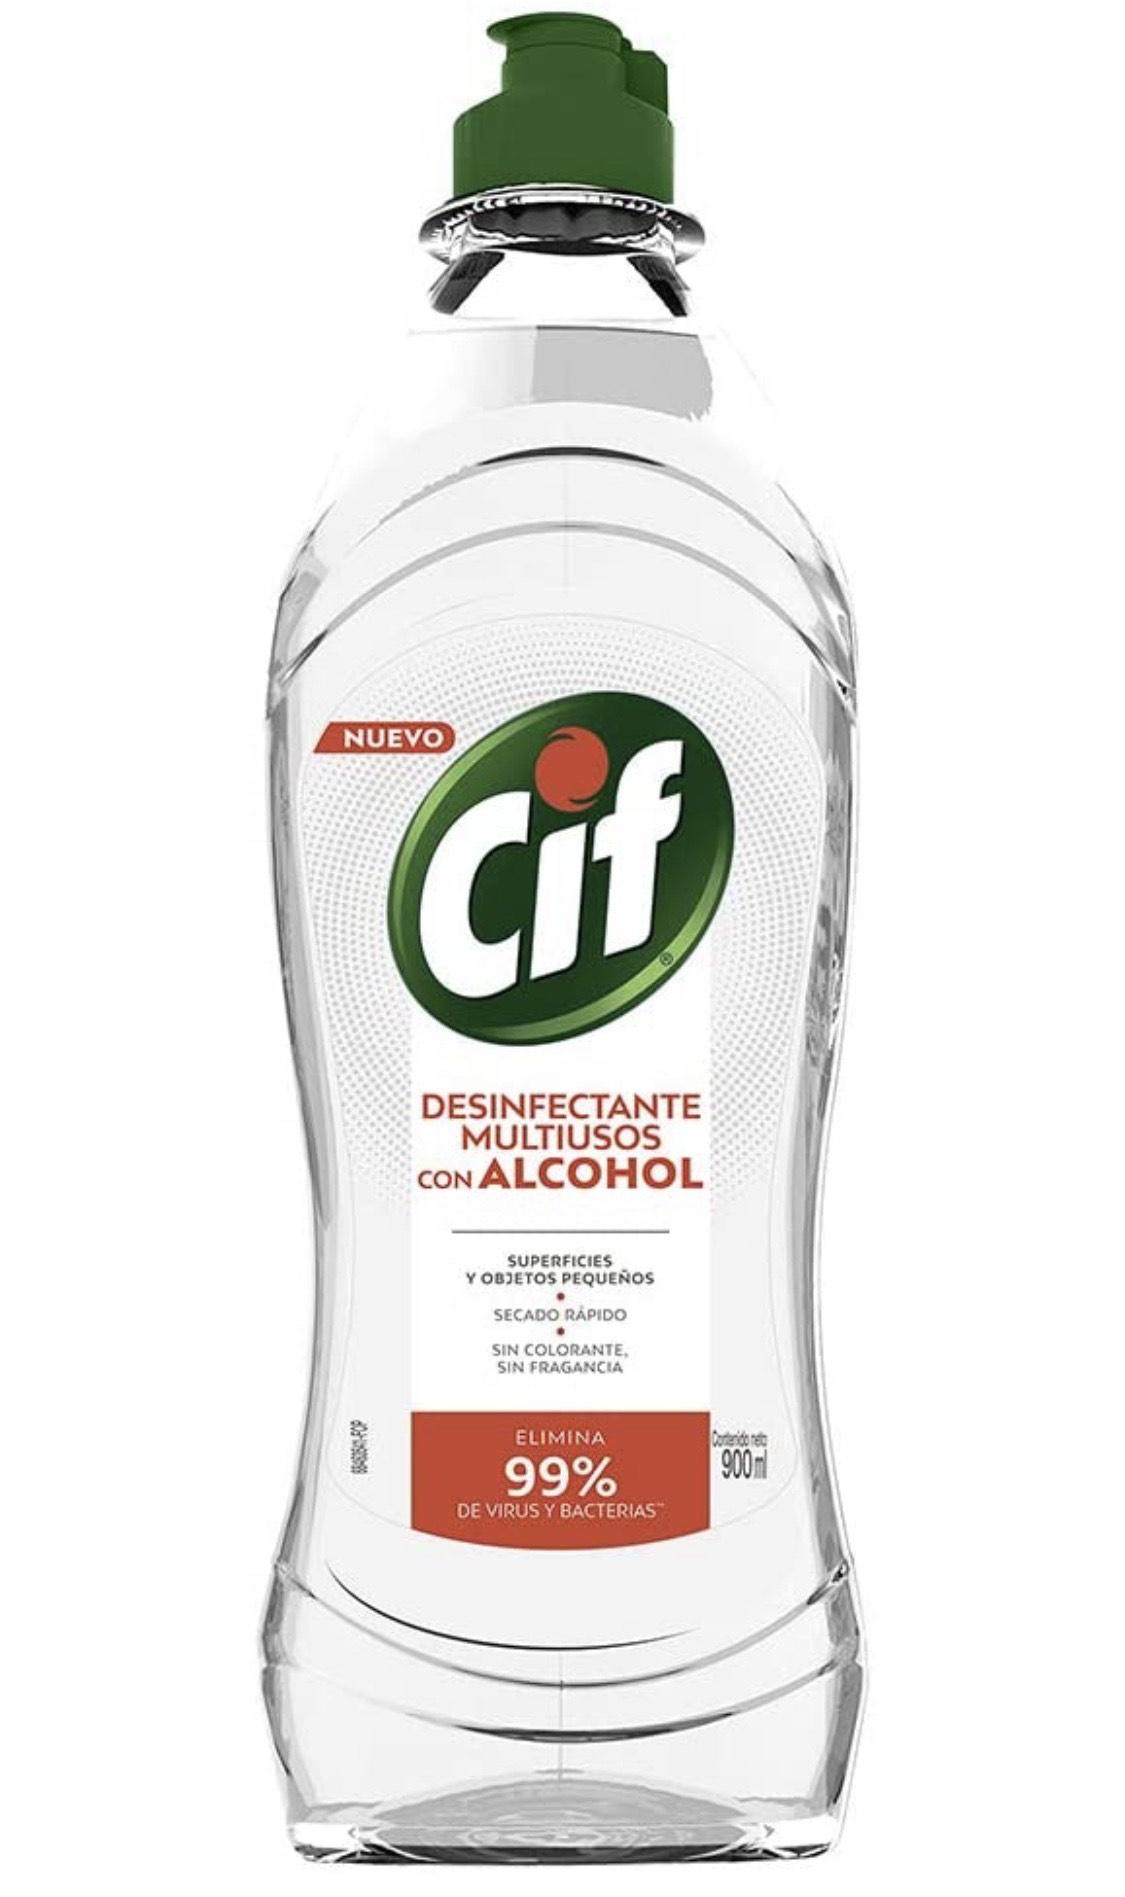 Amazon: Cif Desinfectante Multiusos con Alcohol 900 ml